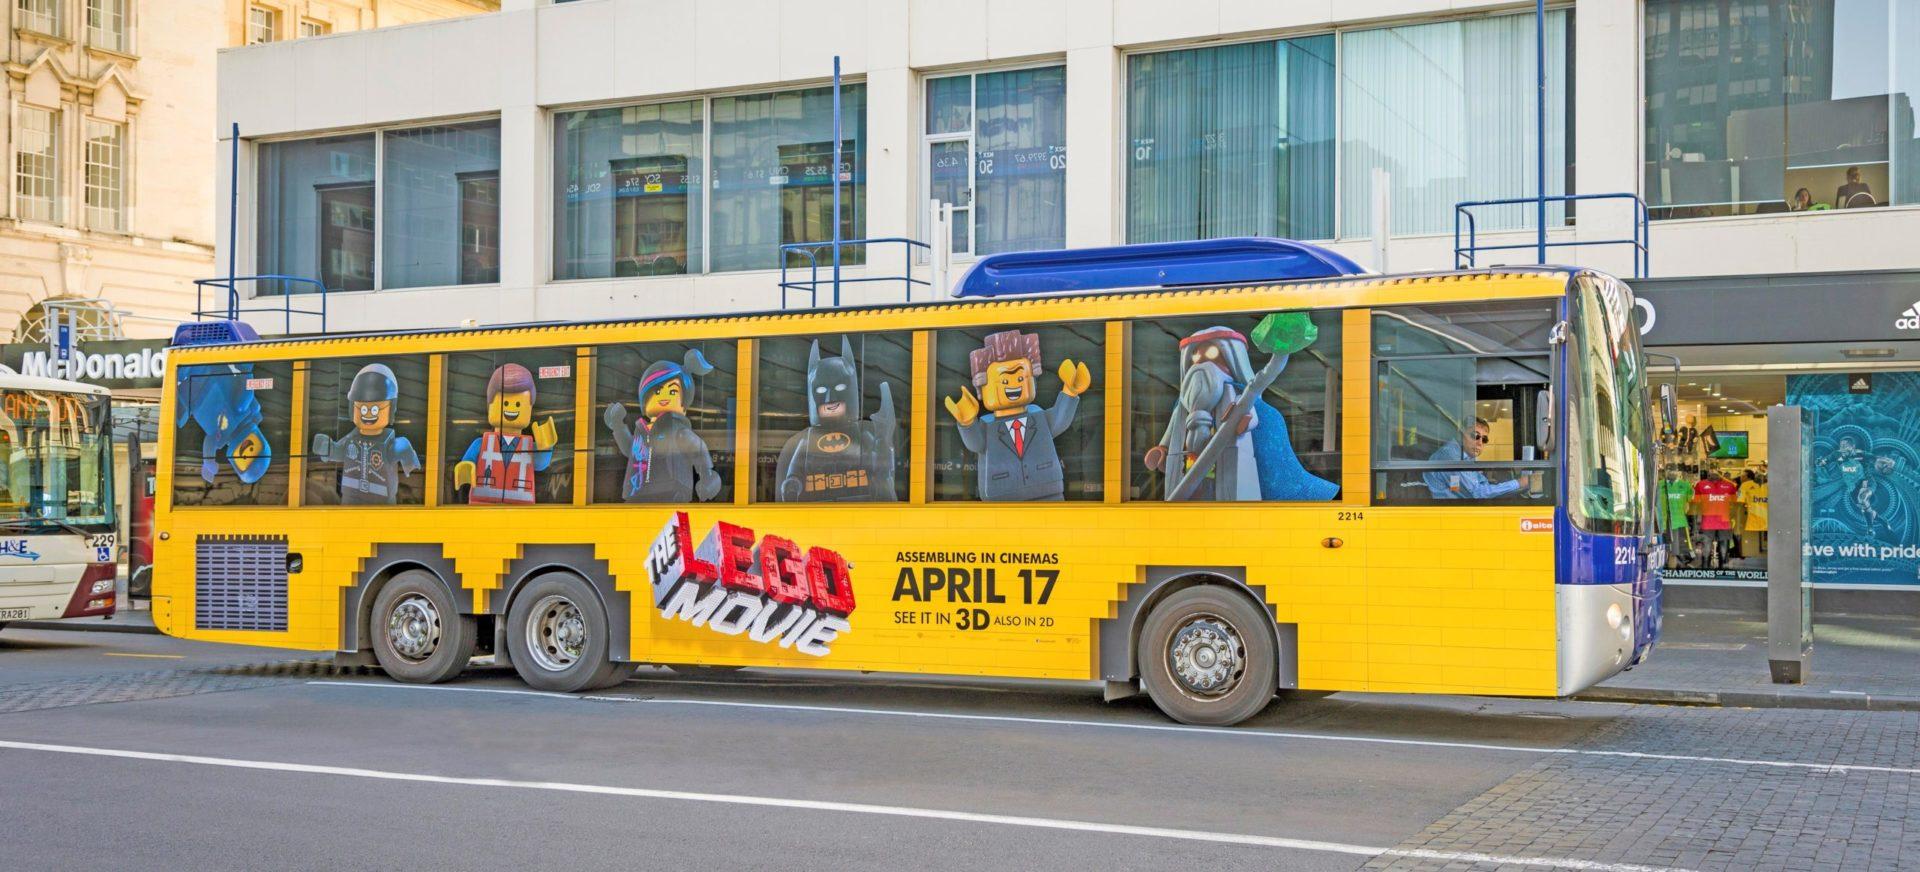 Lego Total Bus Wrap